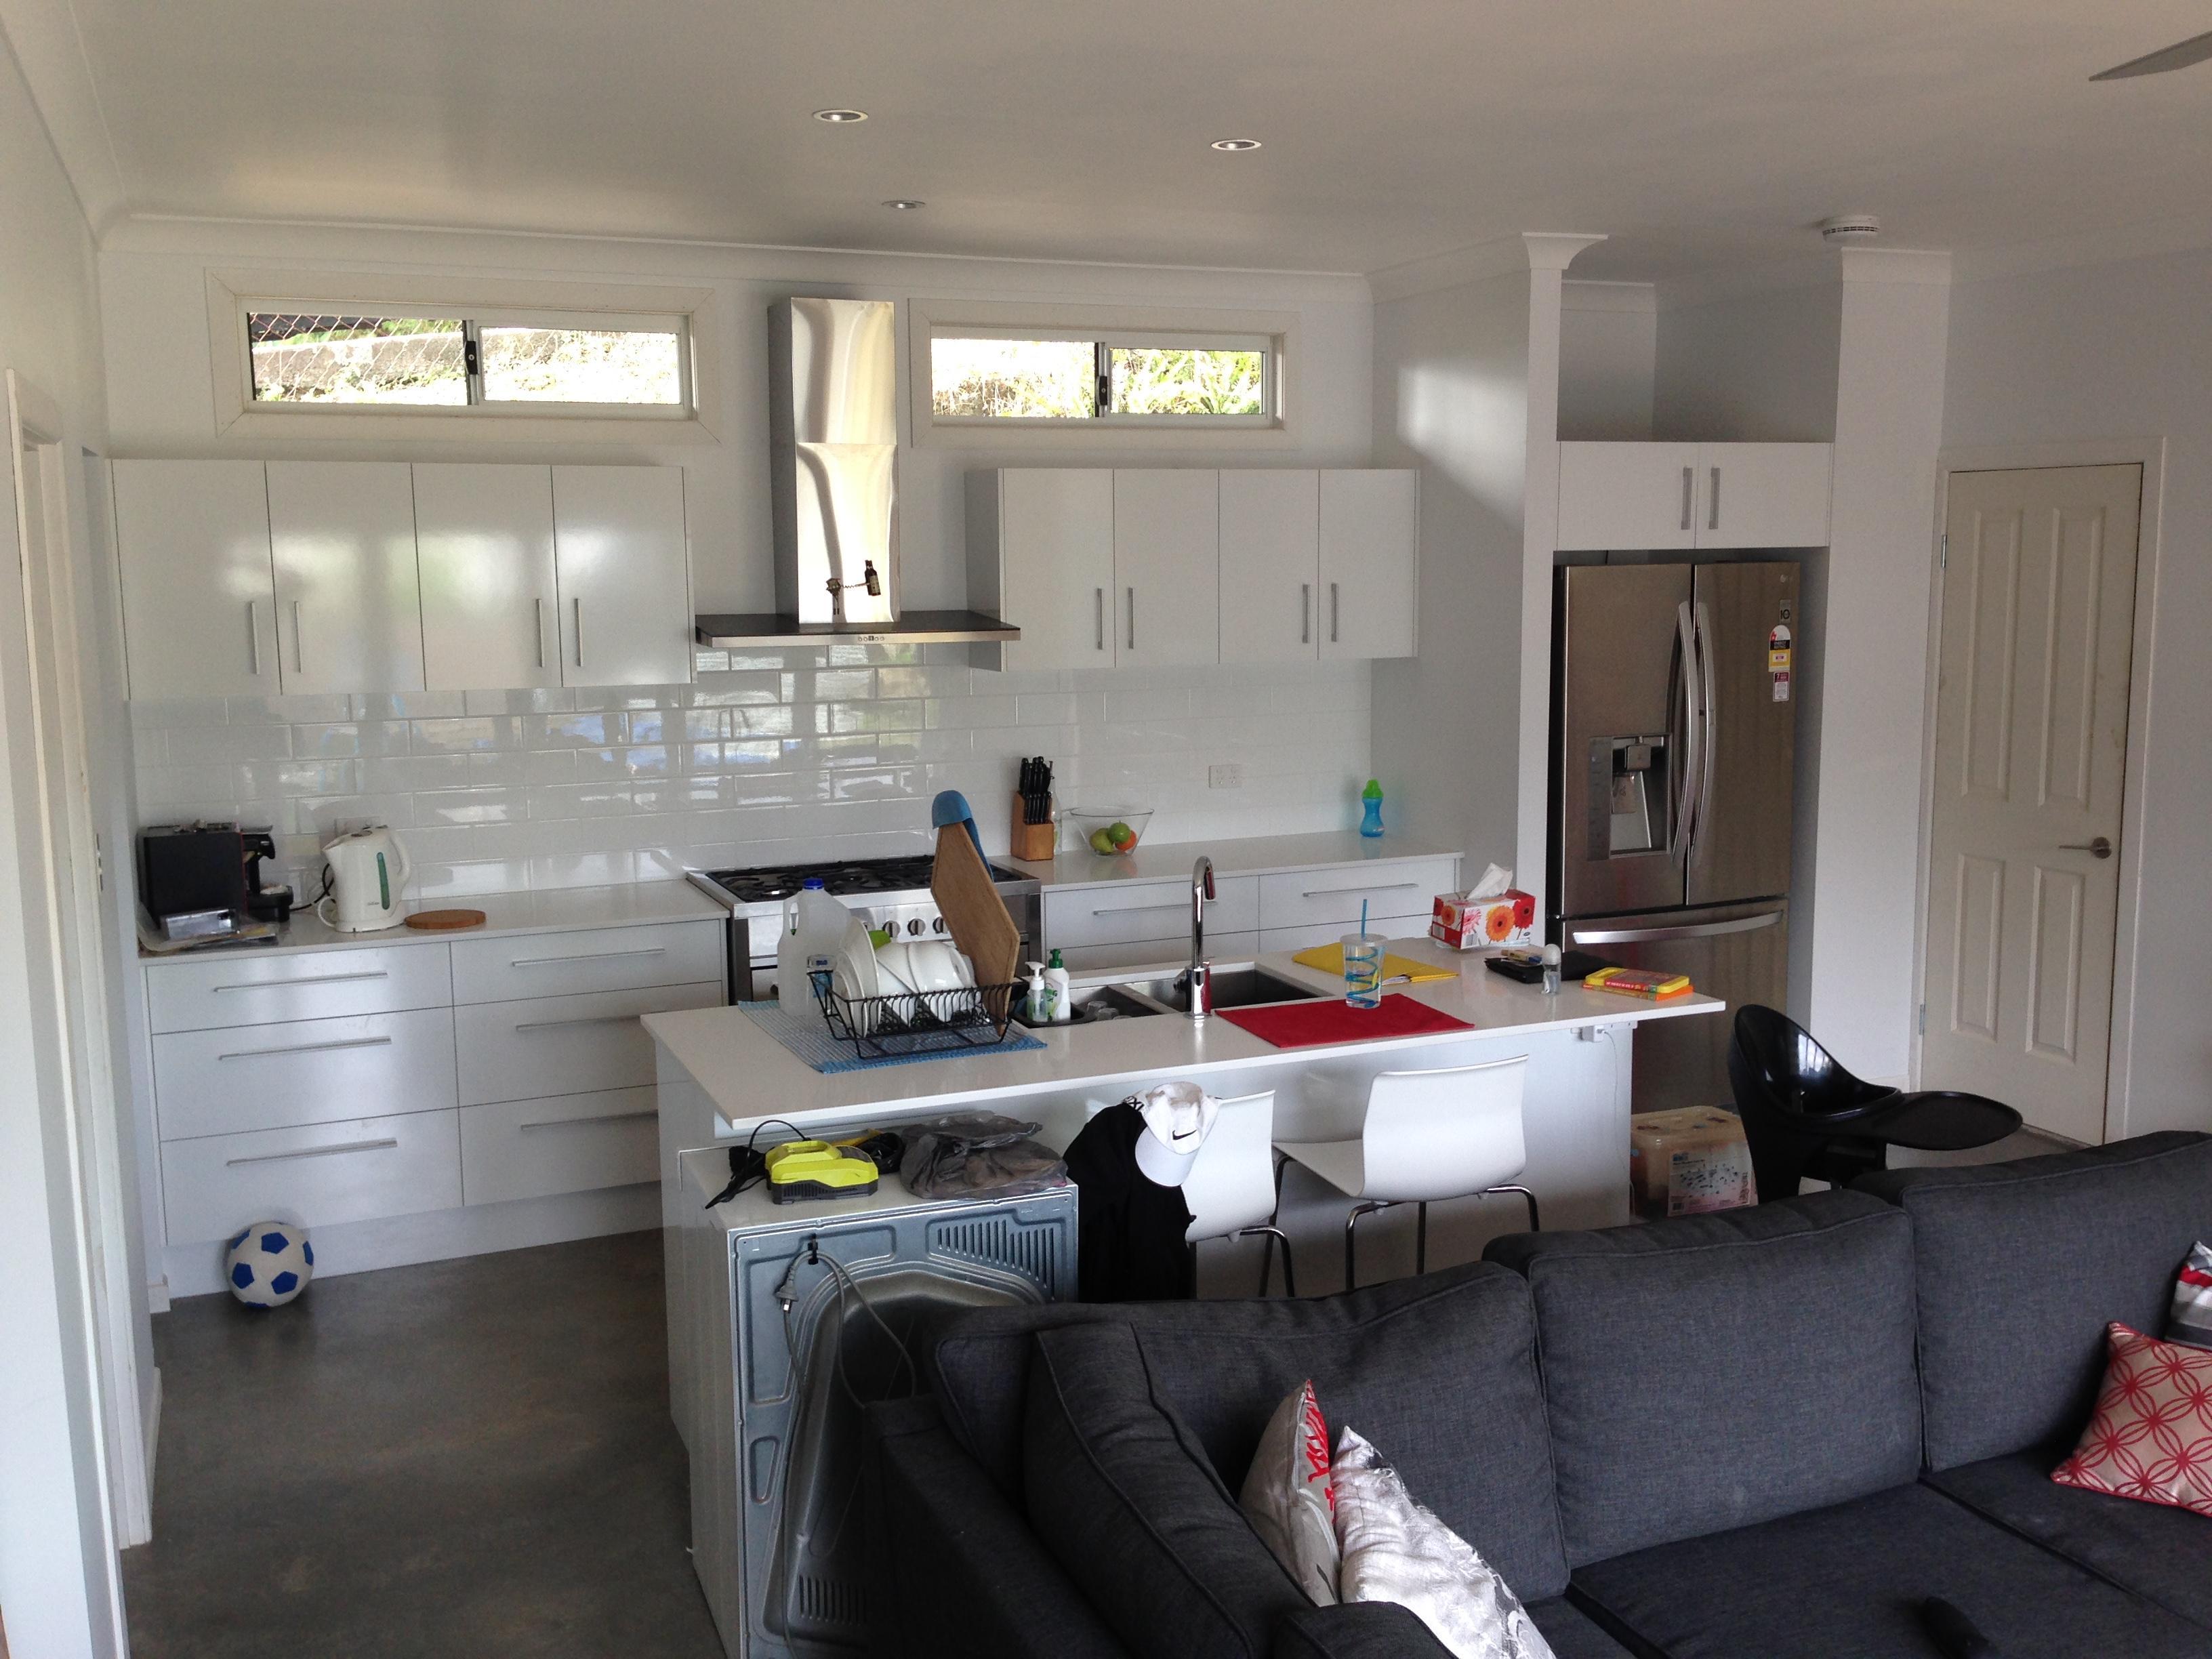 Kitchen Renovation Morningside - Bishop Construction Services